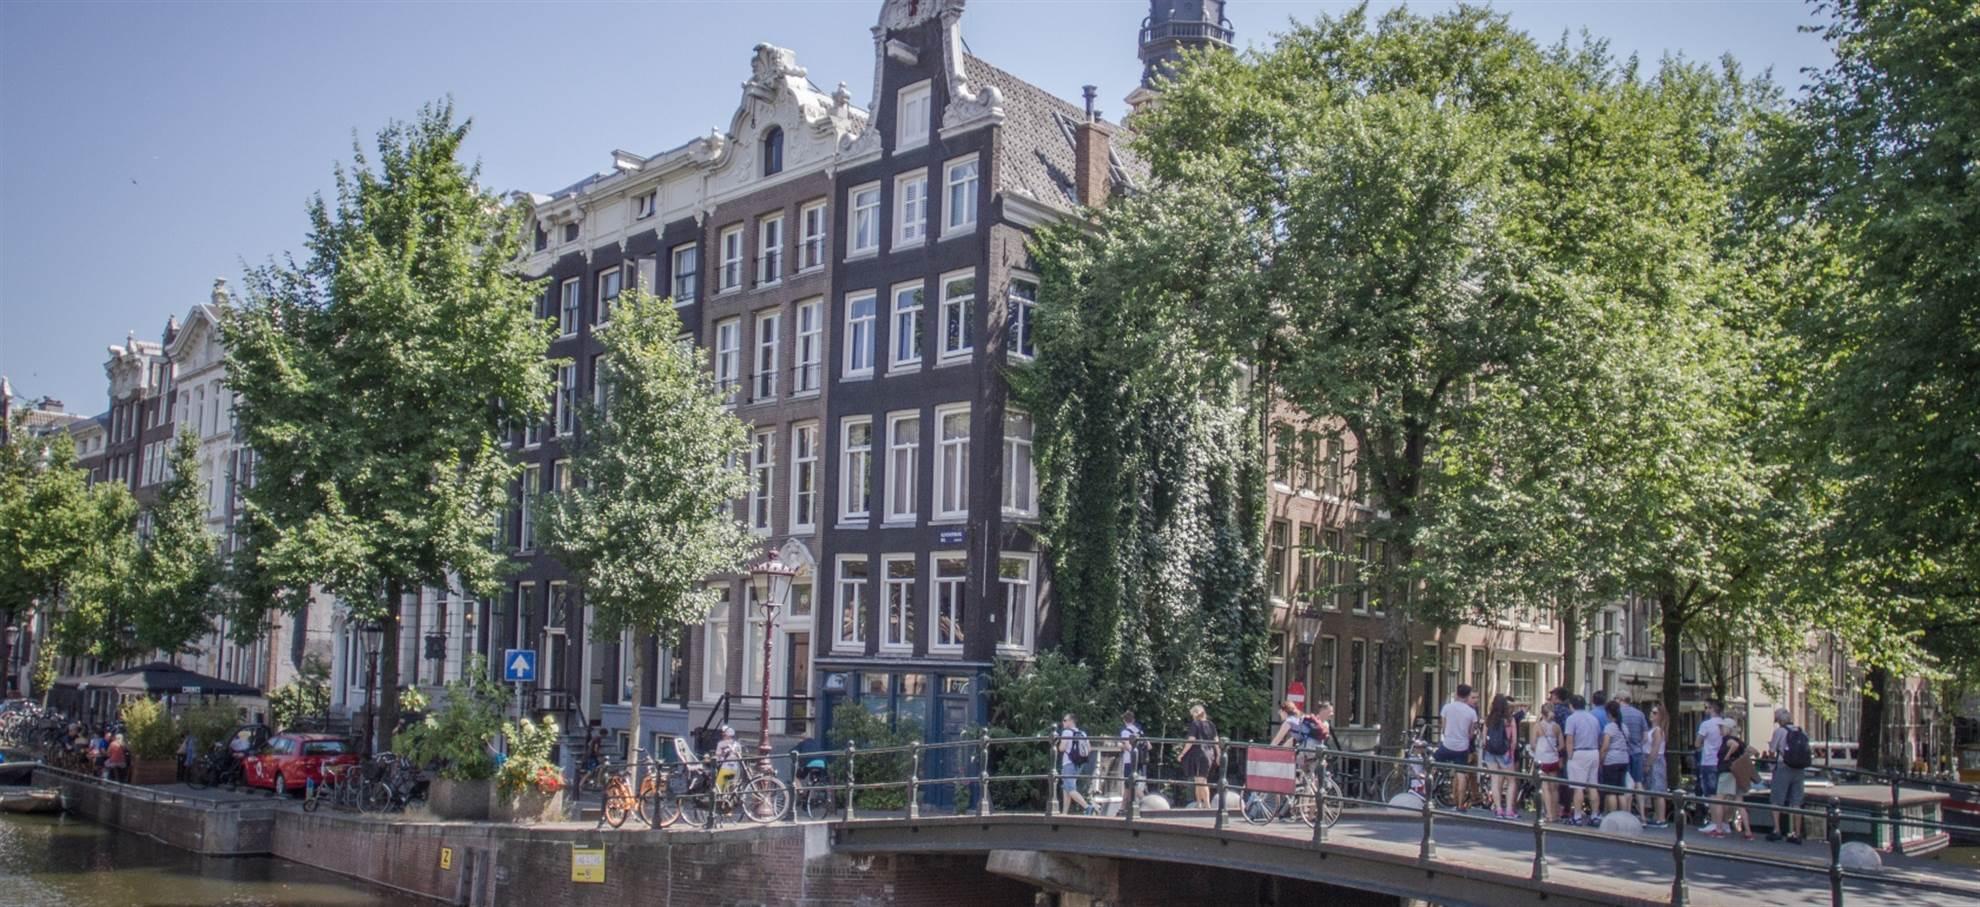 Stadtrundgang auf den Spuren von Anne Frank